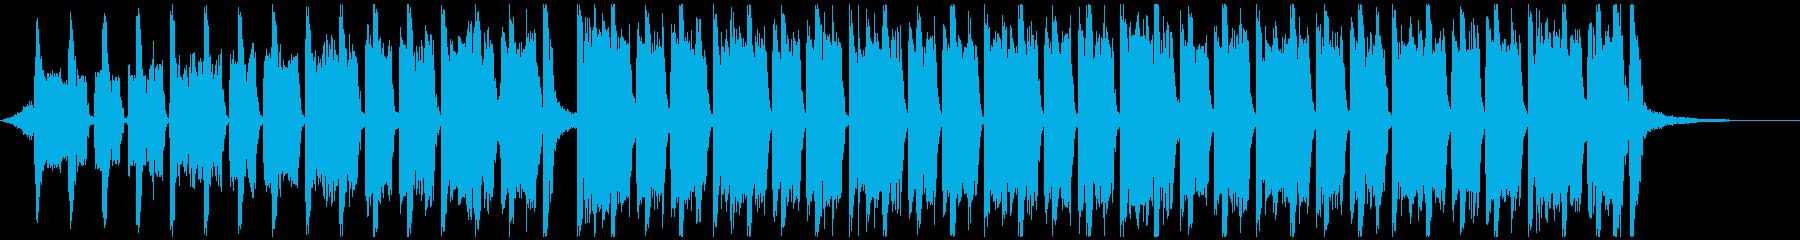 スポーツ音楽(30秒)の再生済みの波形